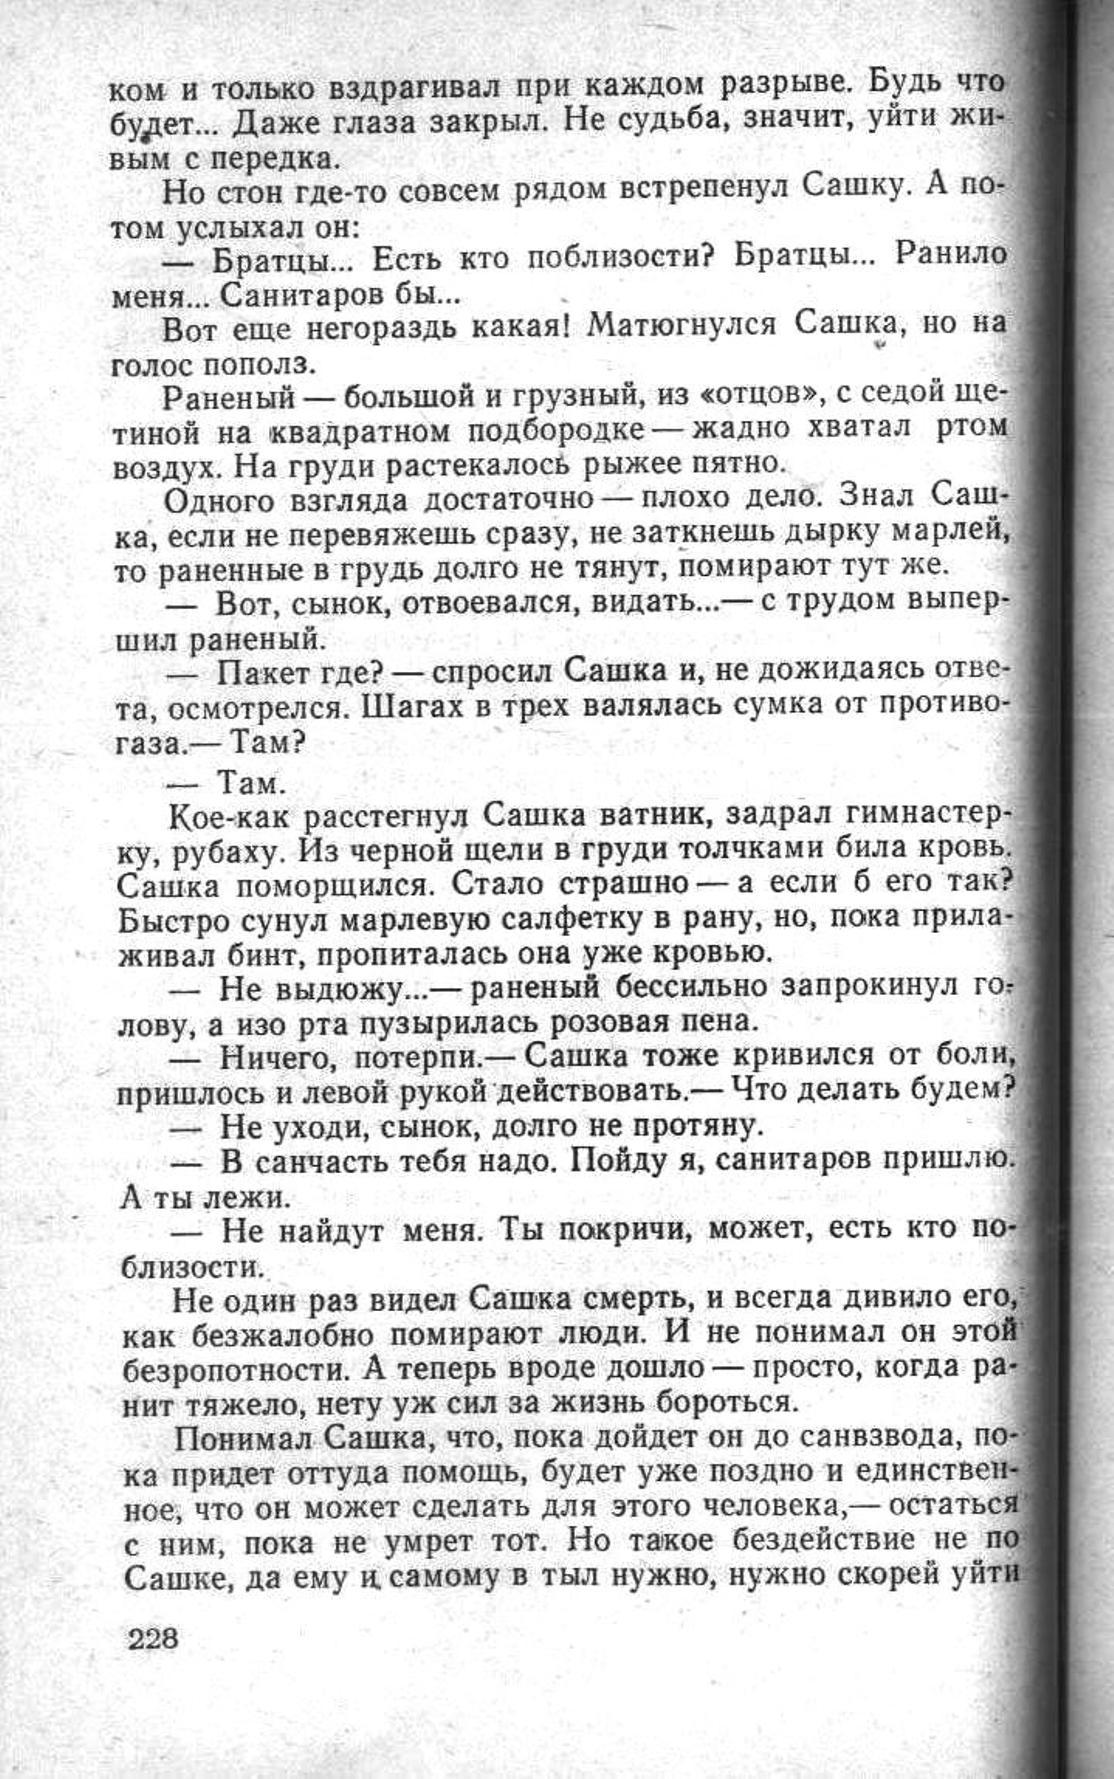 Сашка. Повесть. Вячеслав Кондратьев. 007. 003